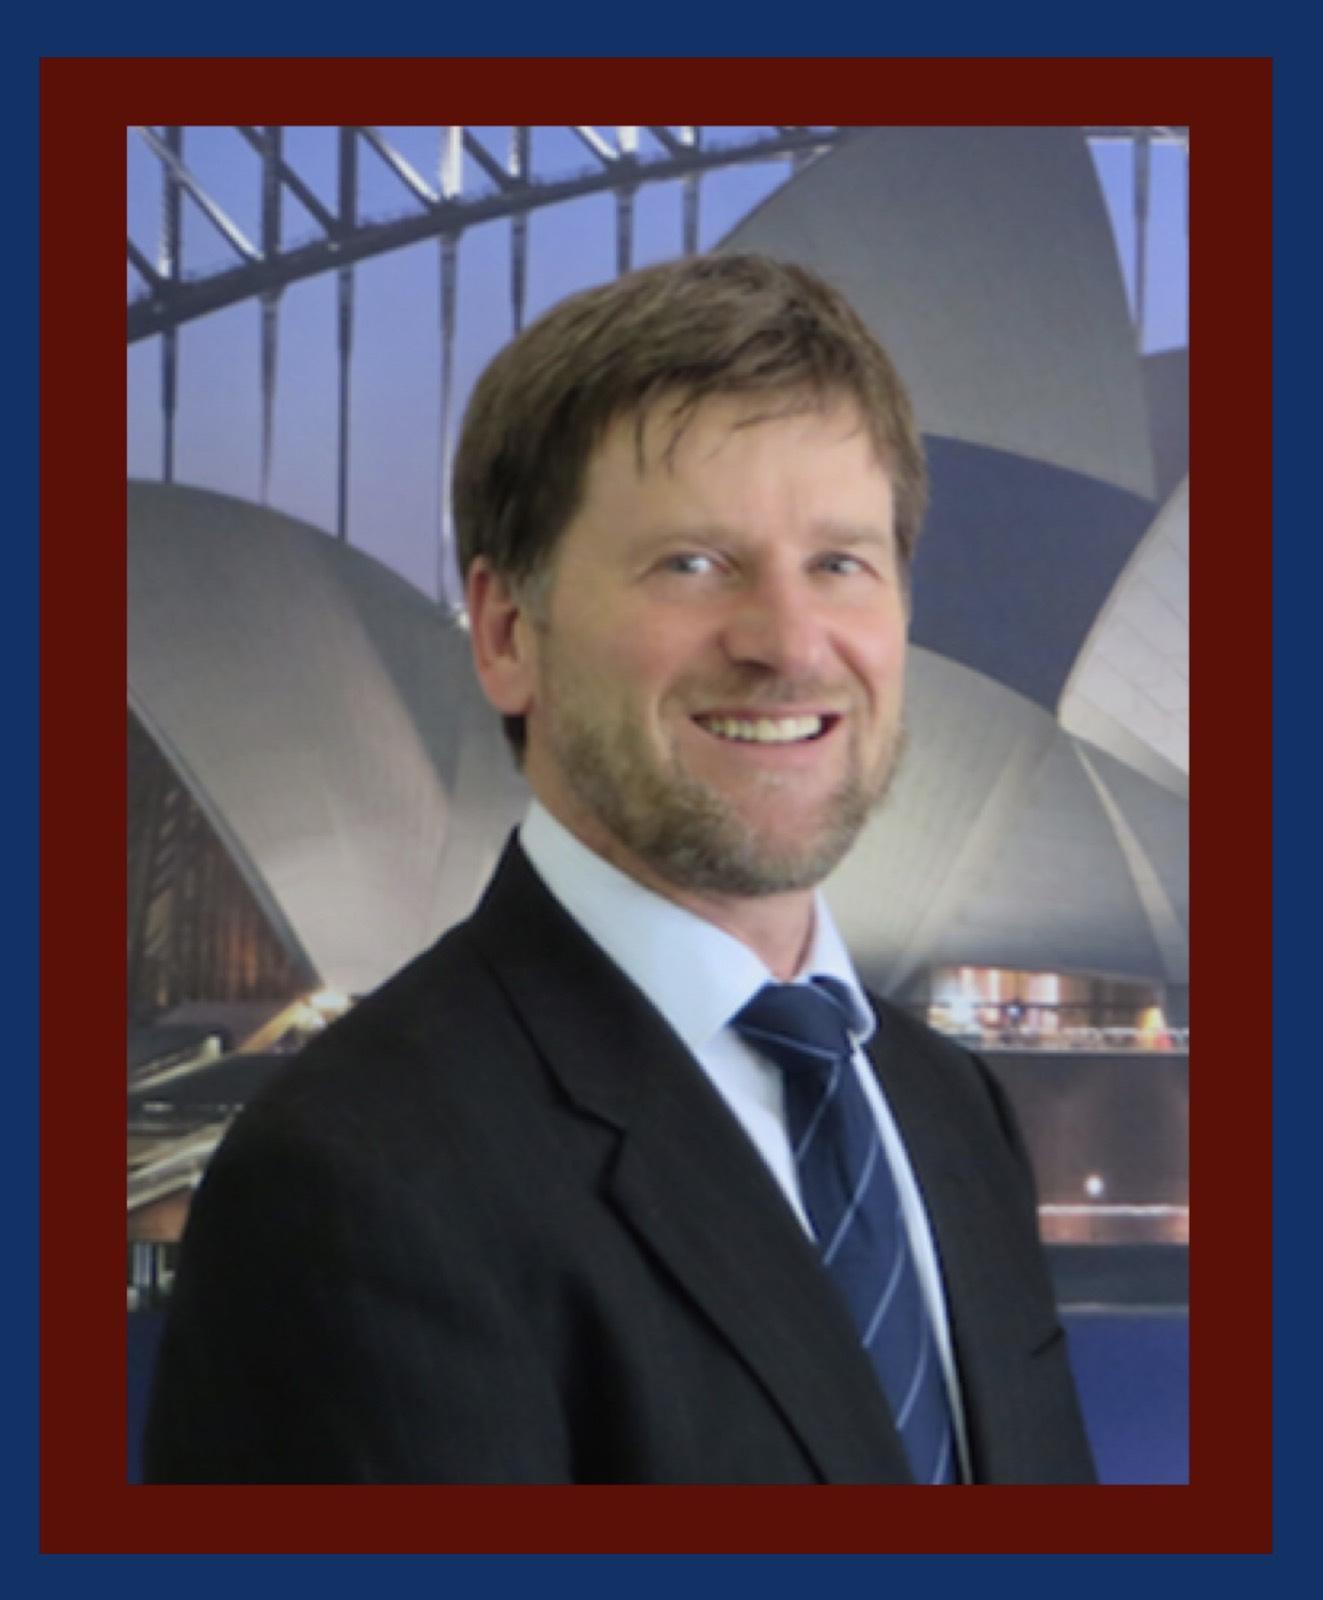 Convenor Nicholas Houston